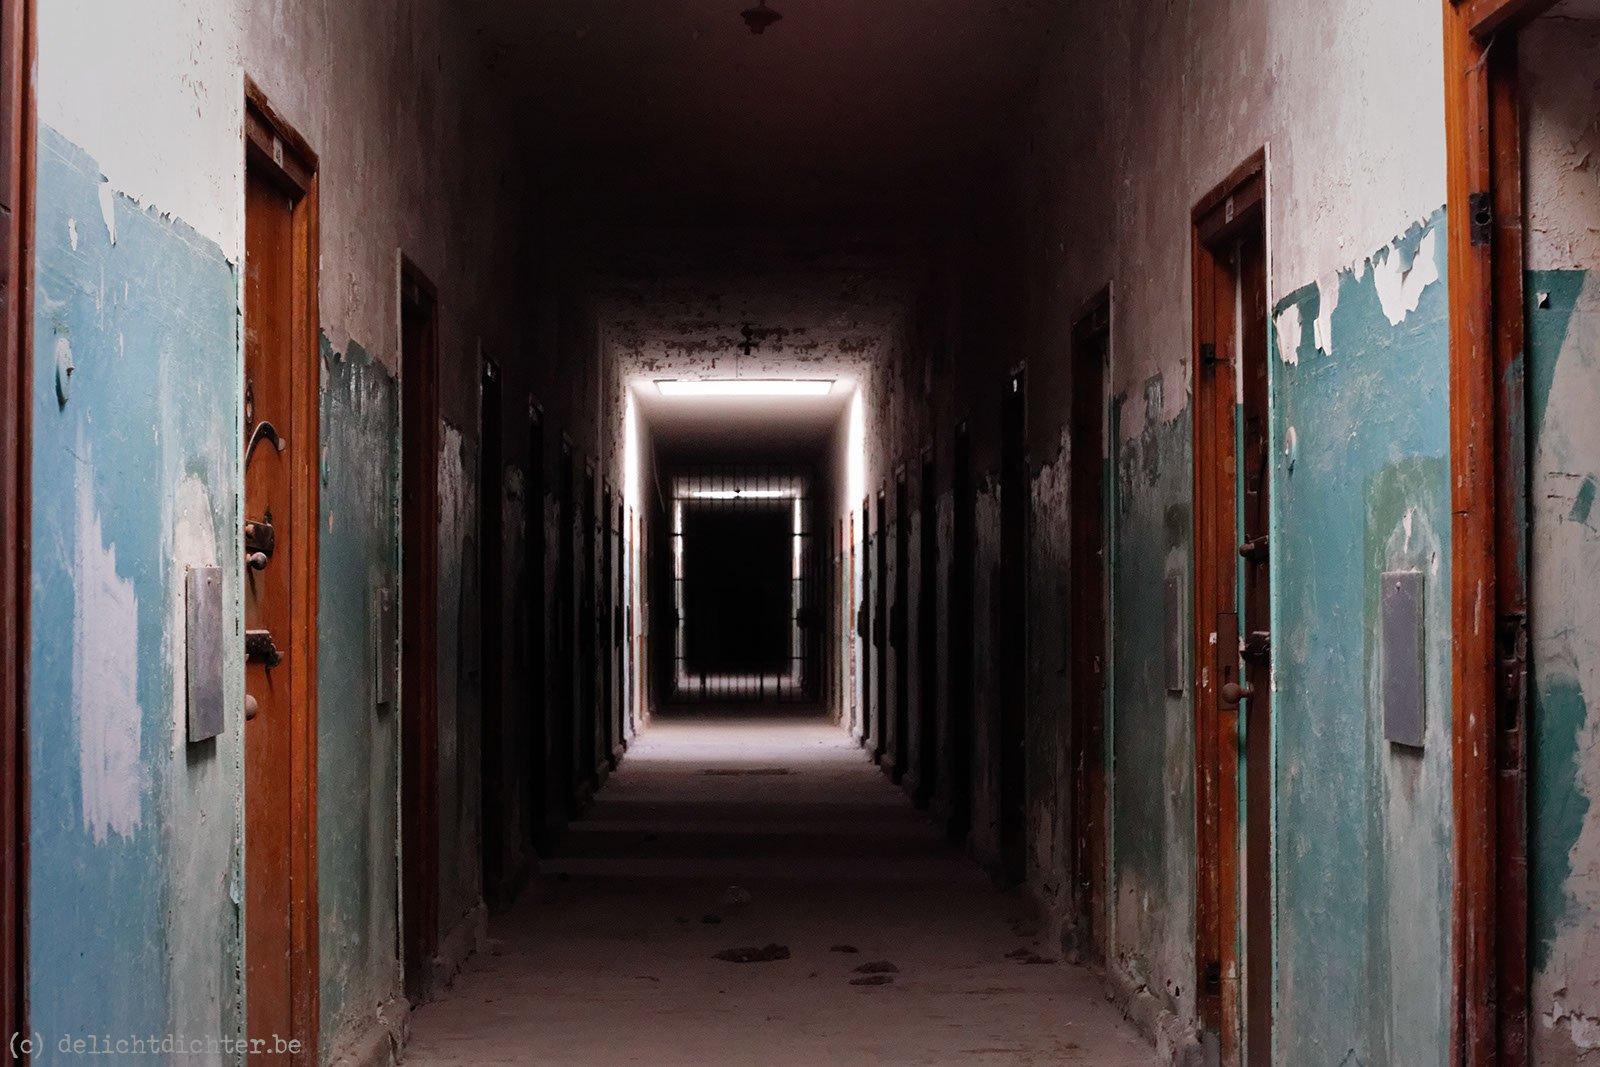 2014_07_Dachau_20140719_100254_DxO_v9_1